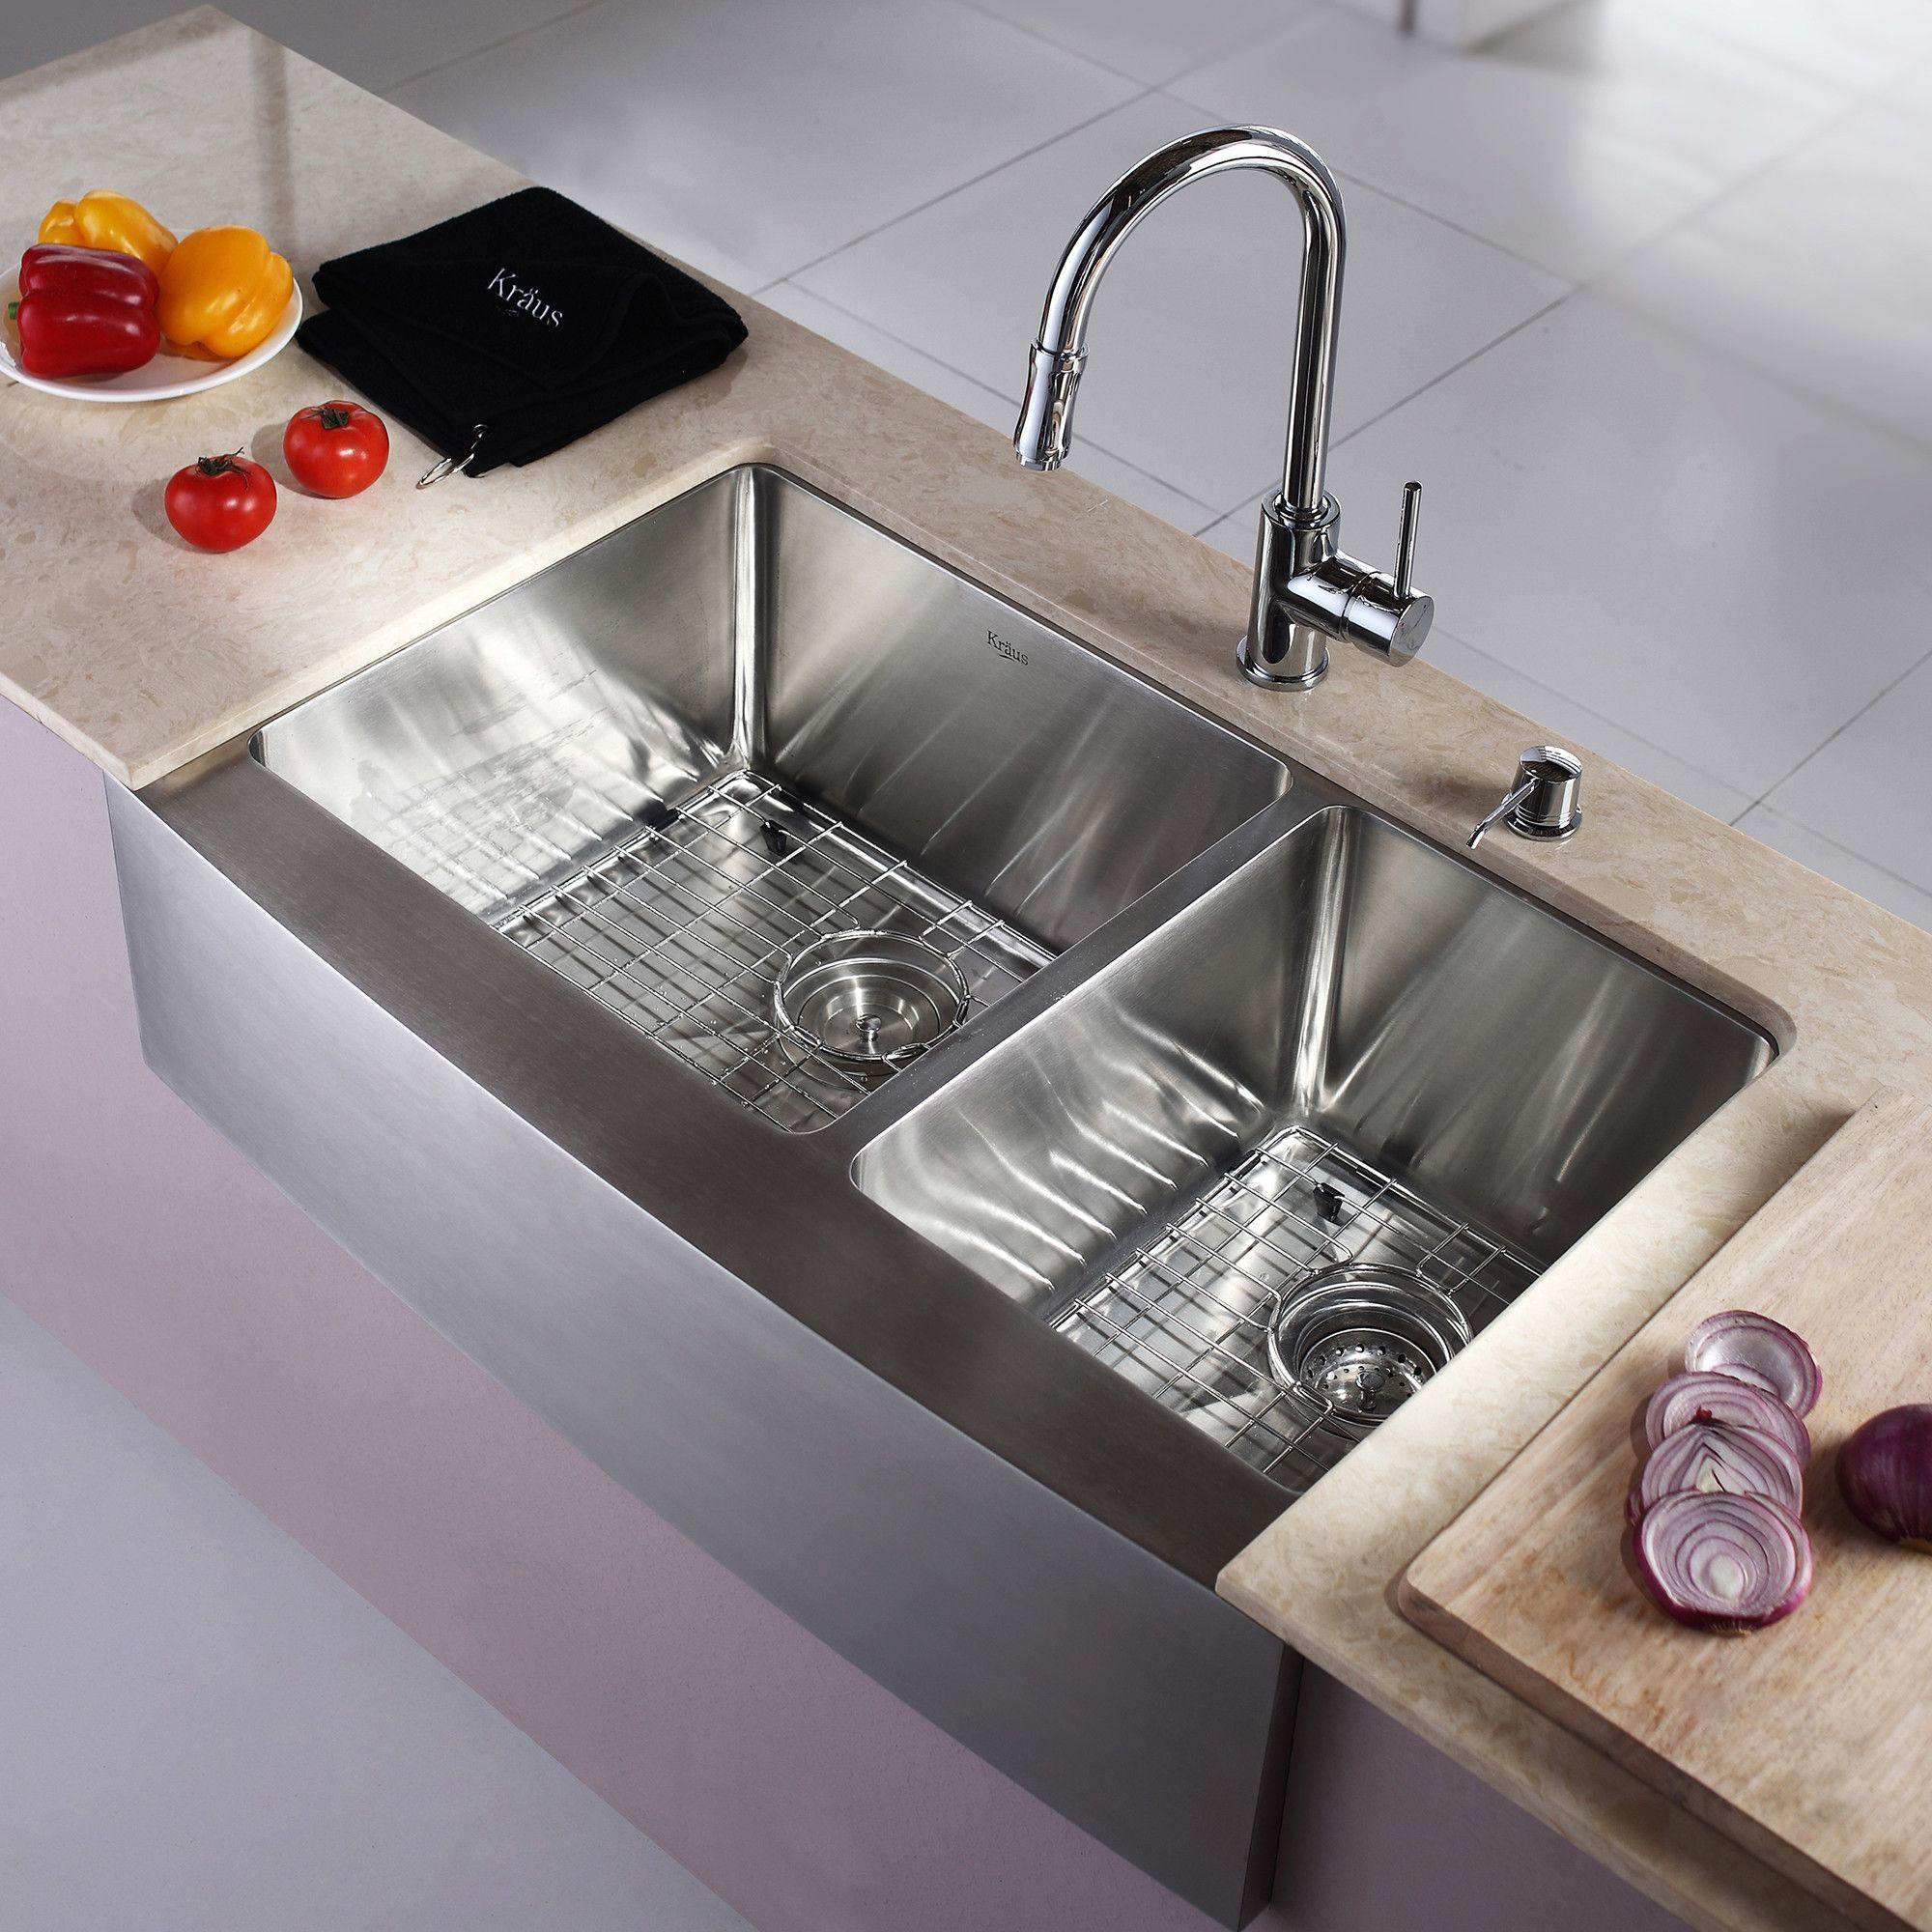 Kraus Farmhouse Sink 33.Kraus Farmhouse 33 70 30 Double Bowl Kitchen Sink